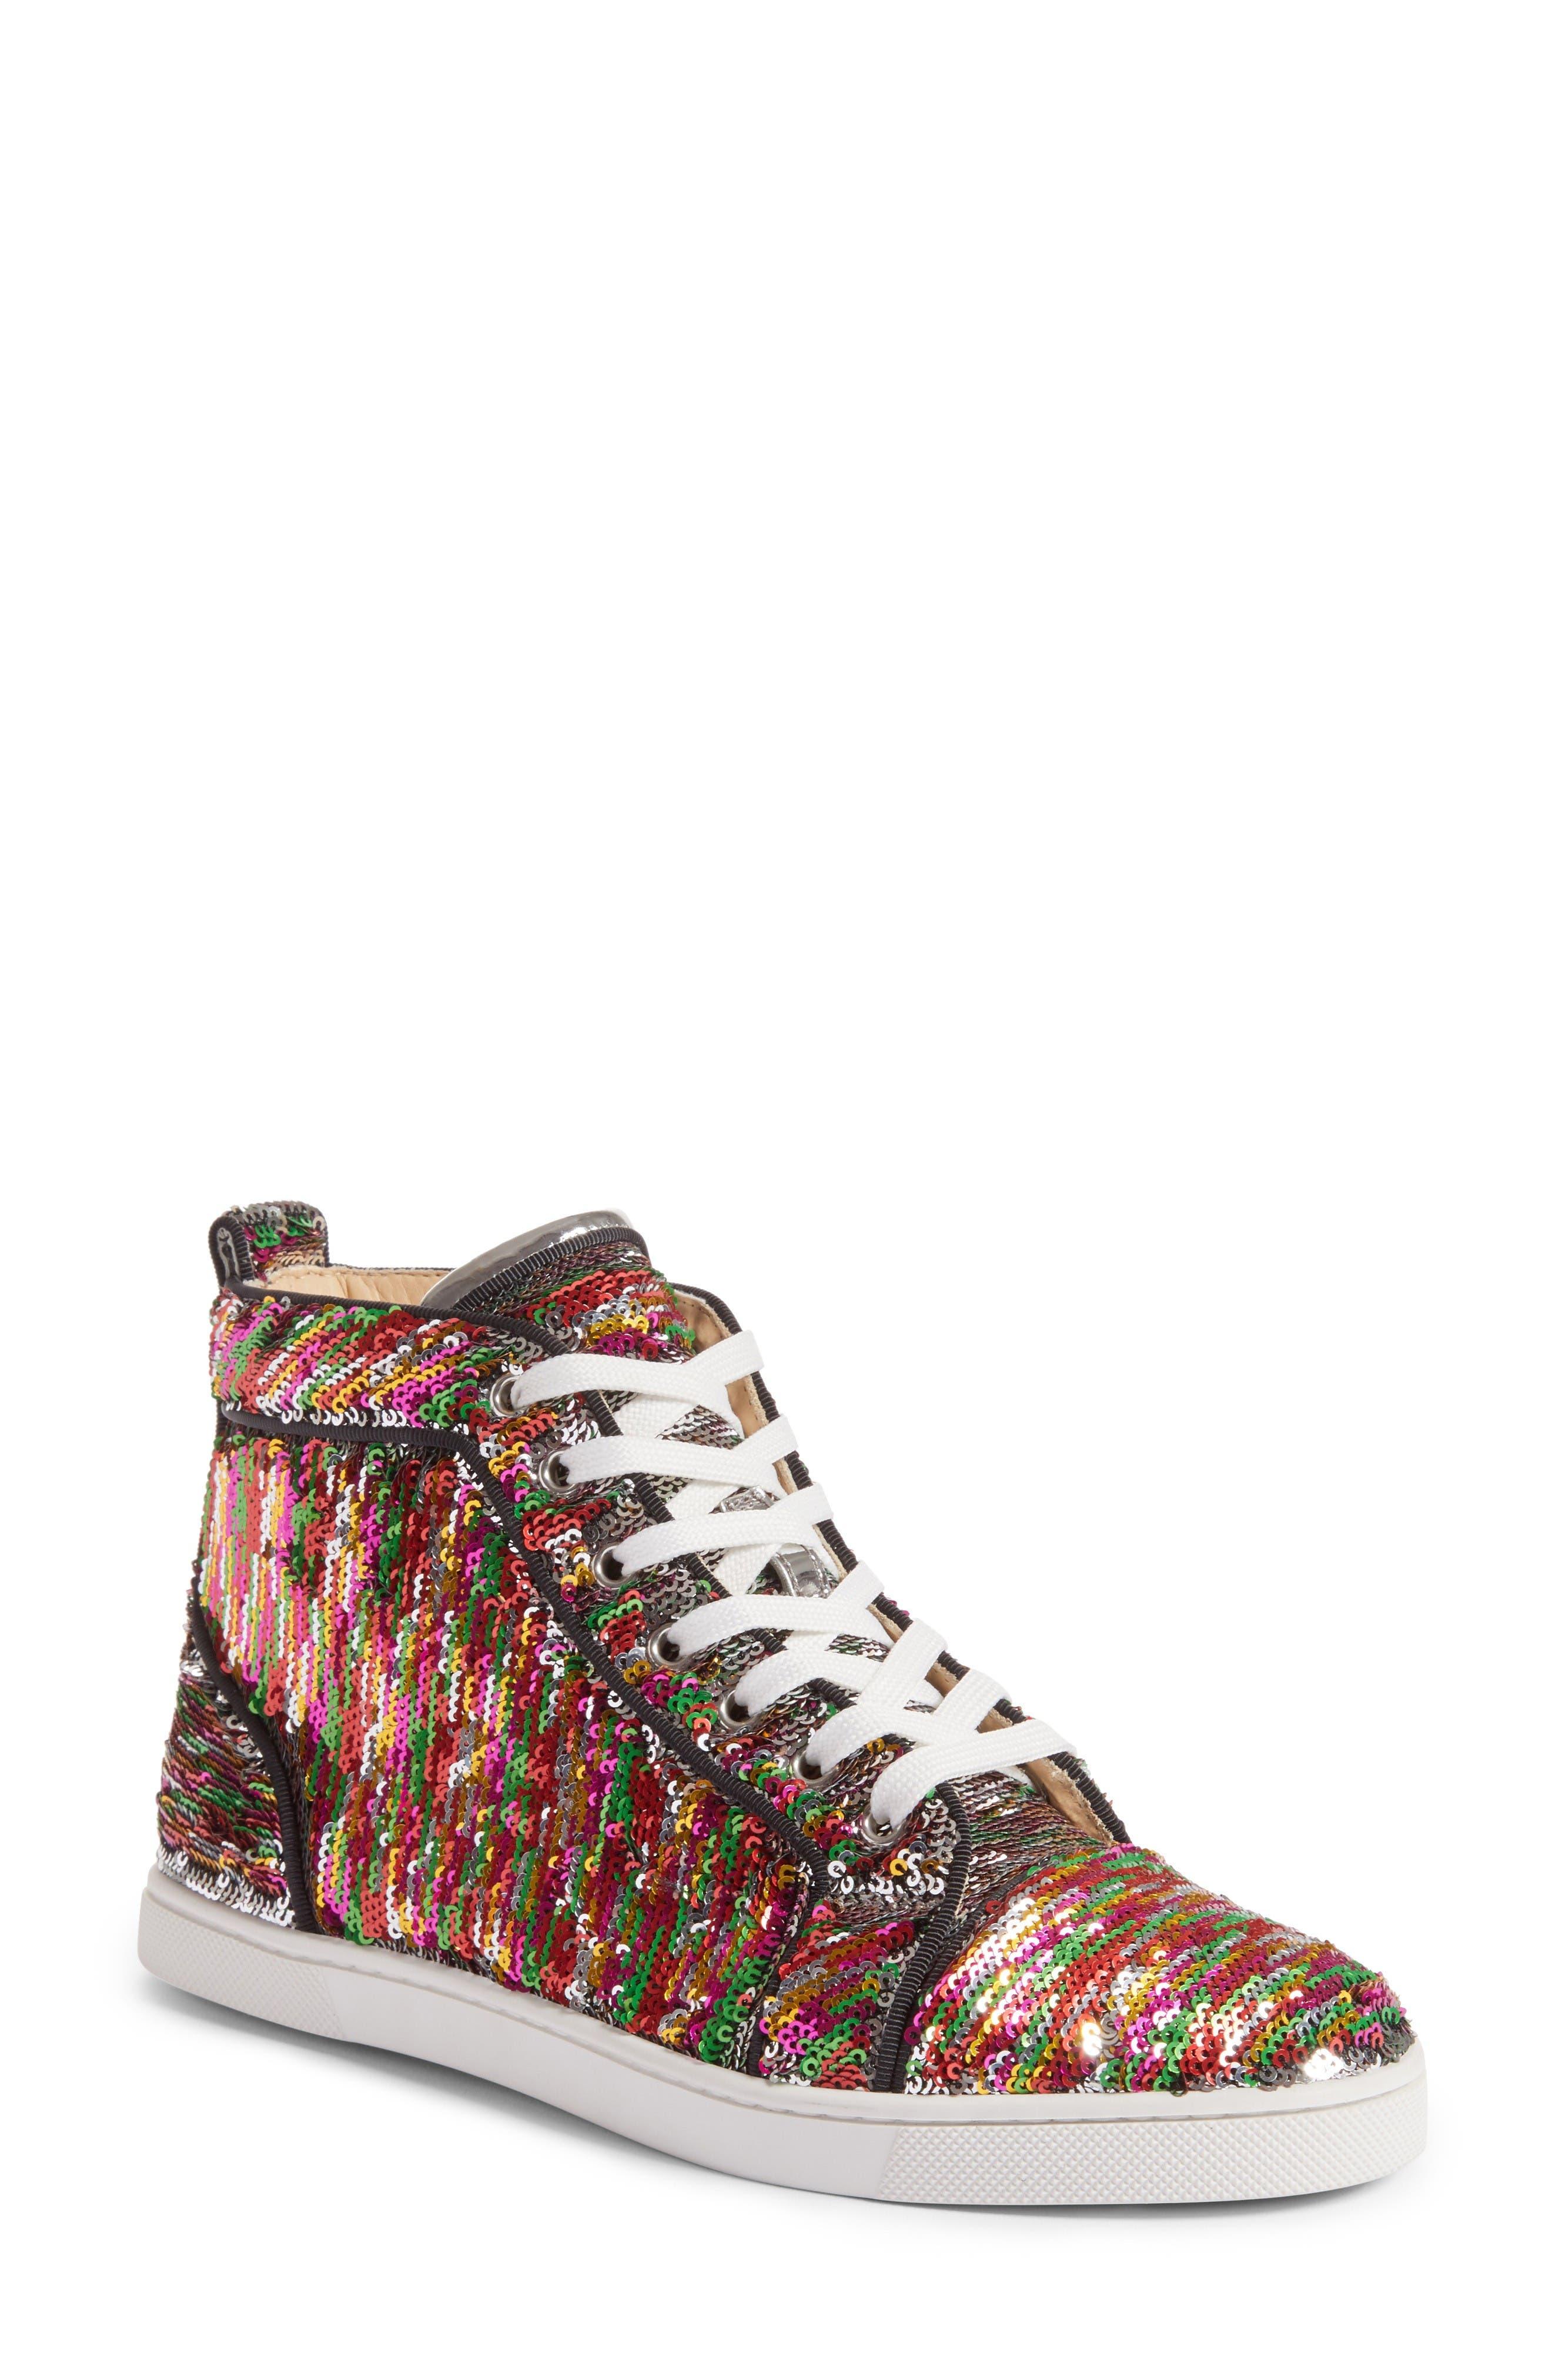 Main Image - Christian Louboutin Bip Bip High Top Sneaker (Women)